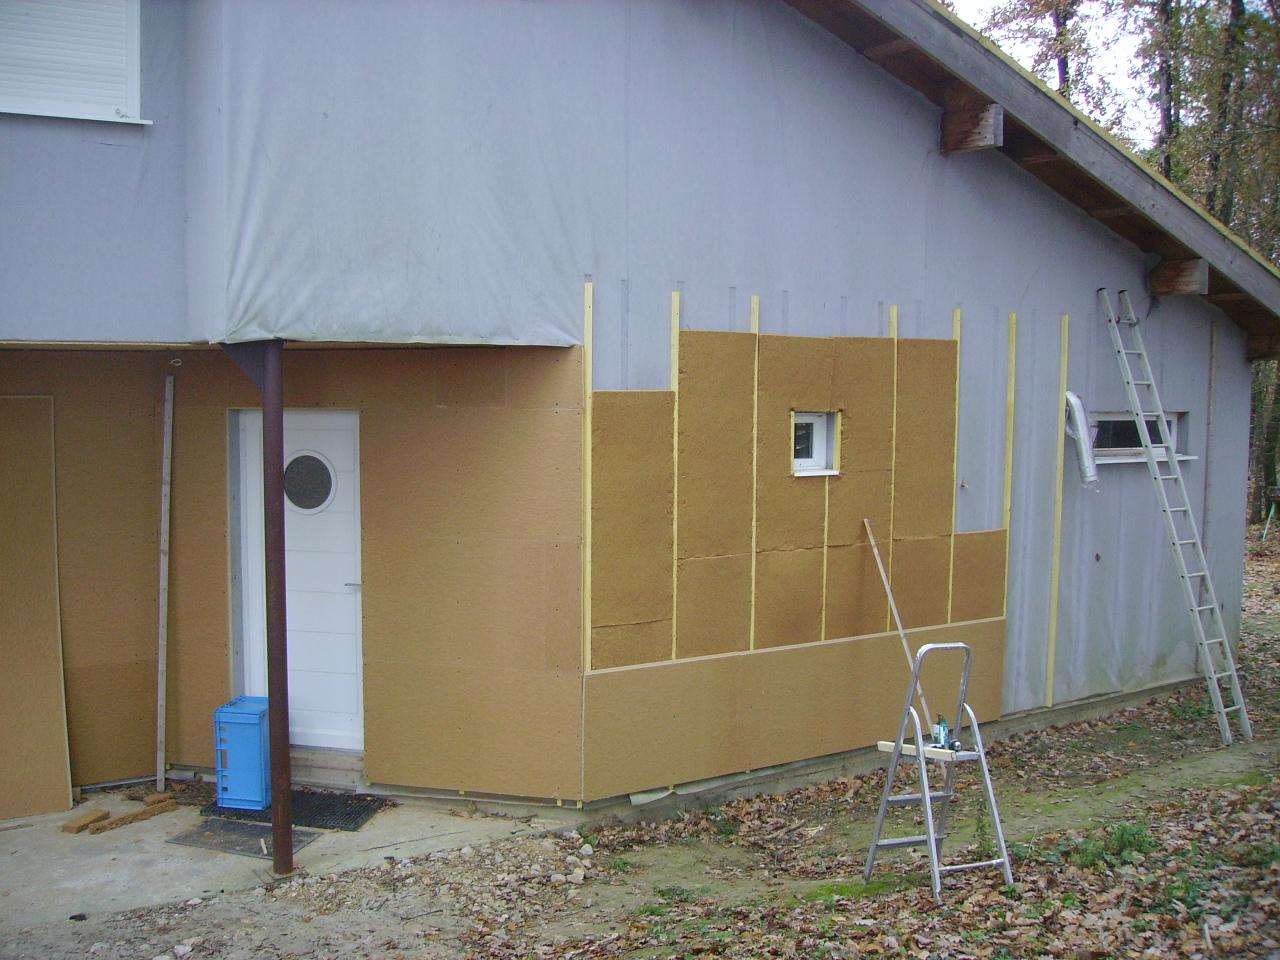 3 une maison bioclimatique en tout cas un peu la petite histoire d une - Isolation exterieure laine de bois ...